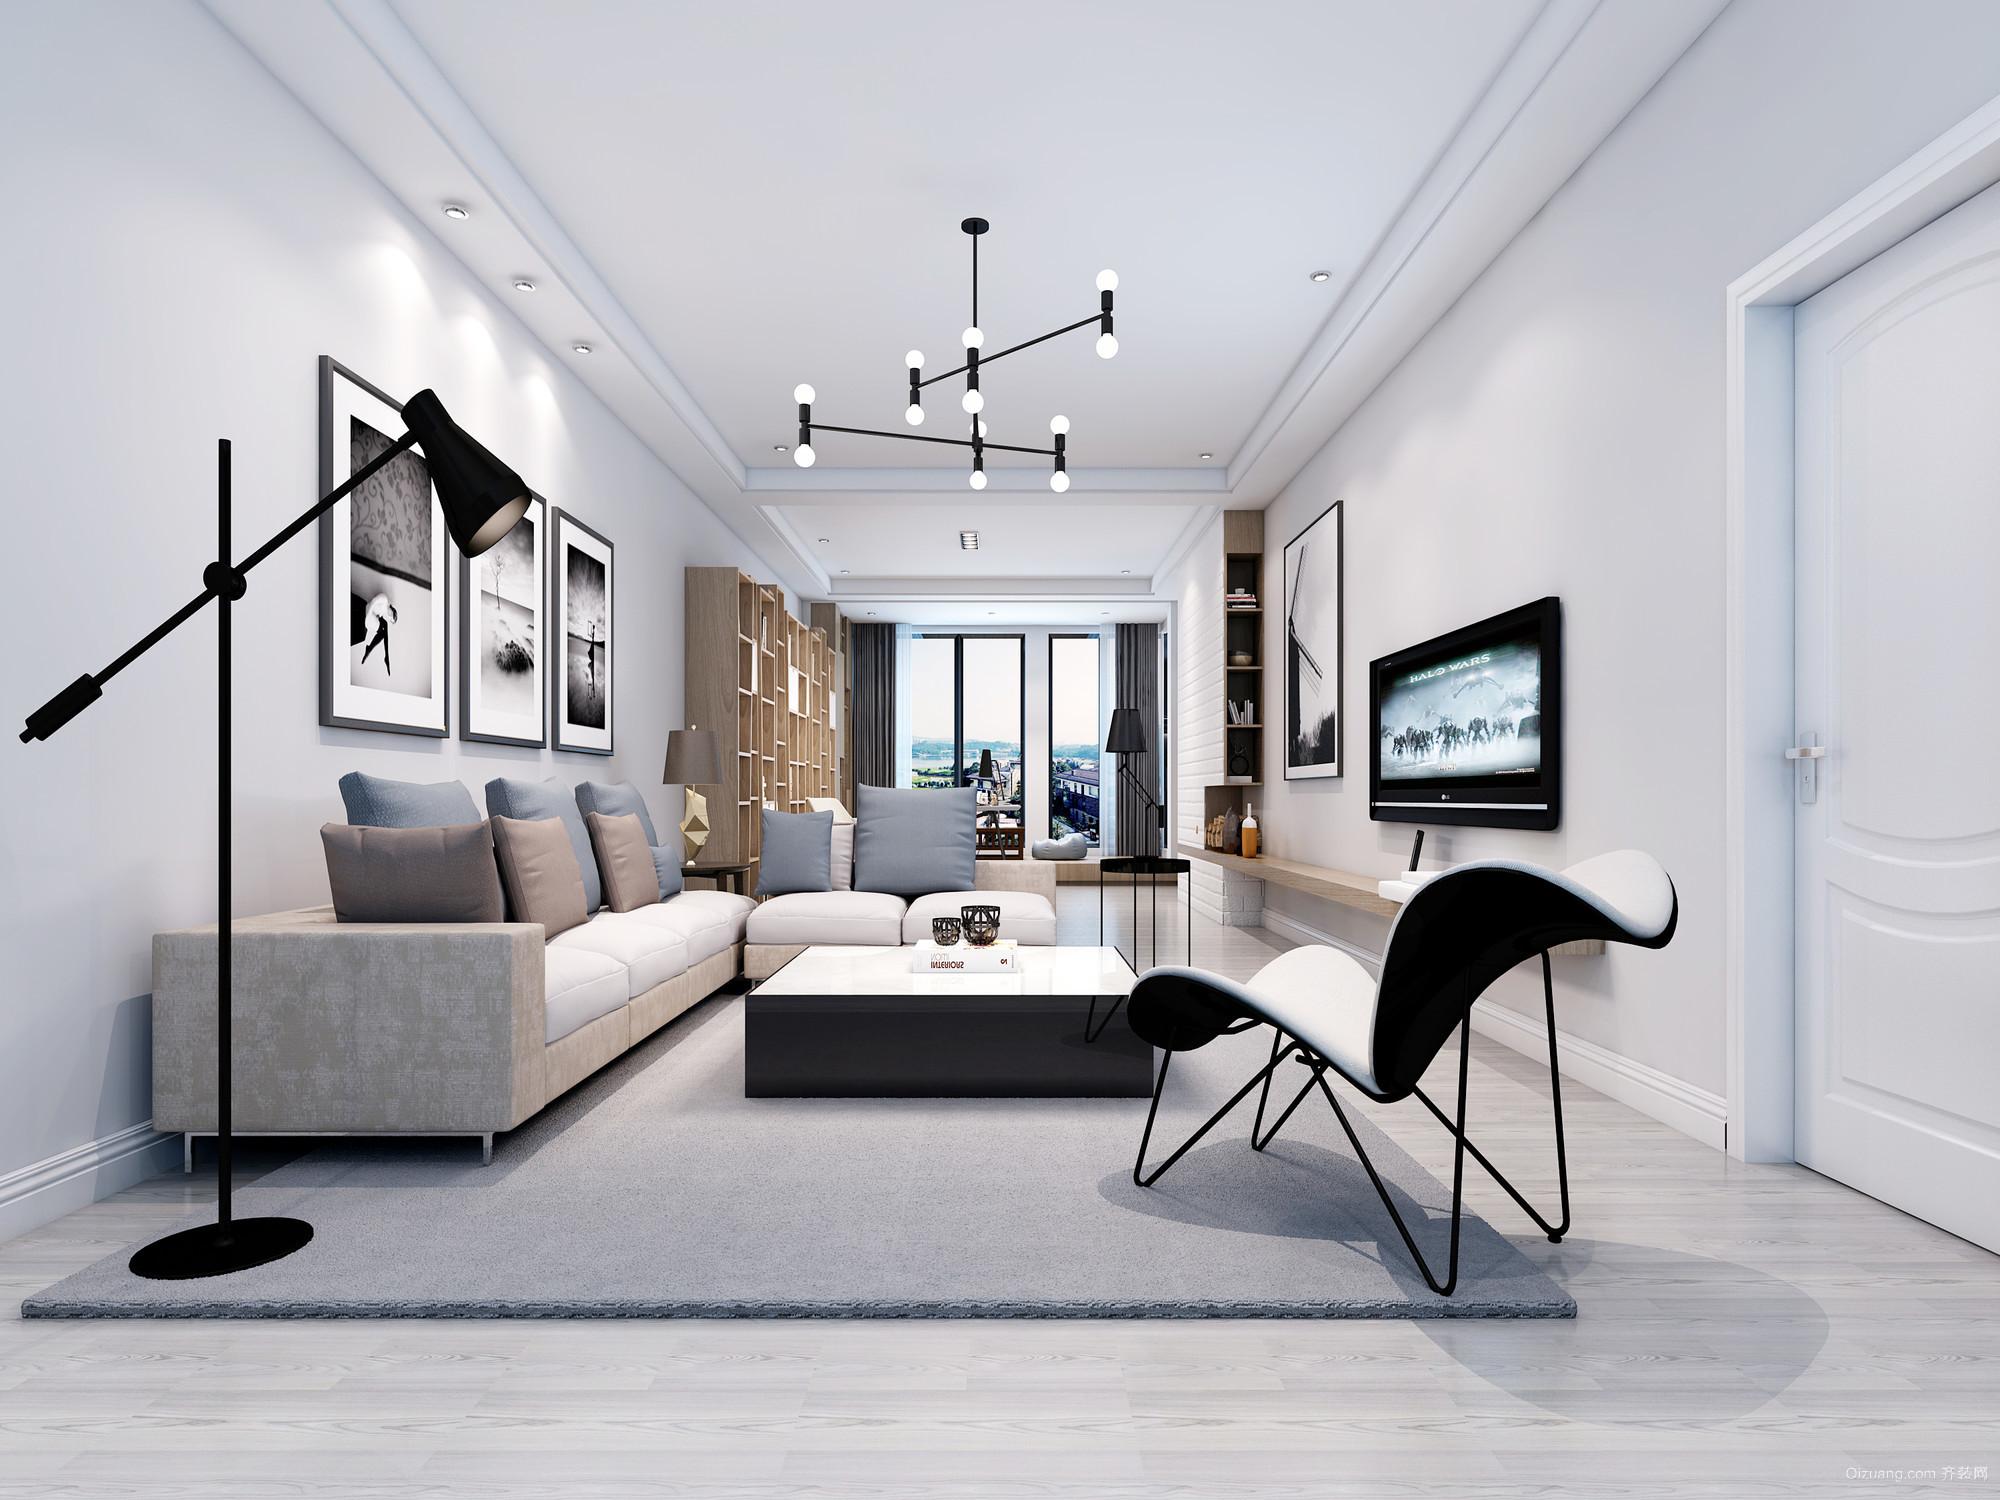 鱼山私房现代简约装修效果图实景图